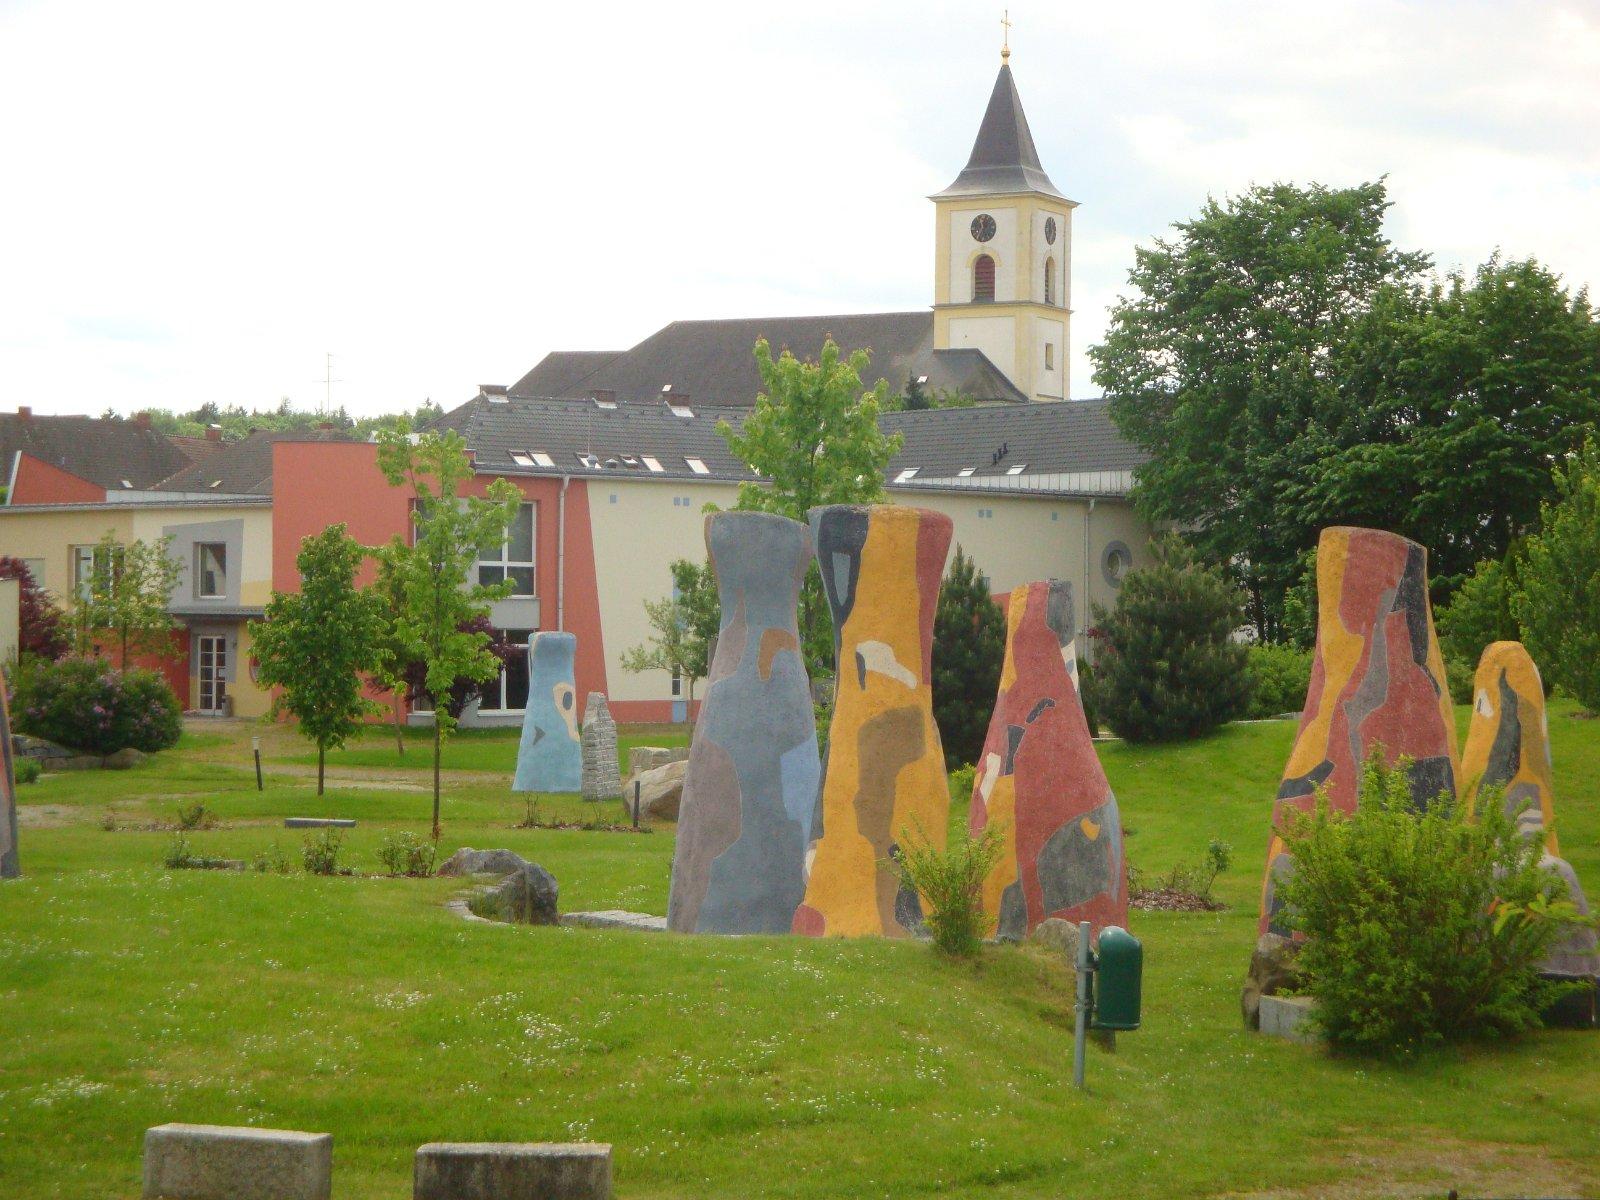 Kunstmuseum mit dem Skulpturengarten Schrems, Juni 2020